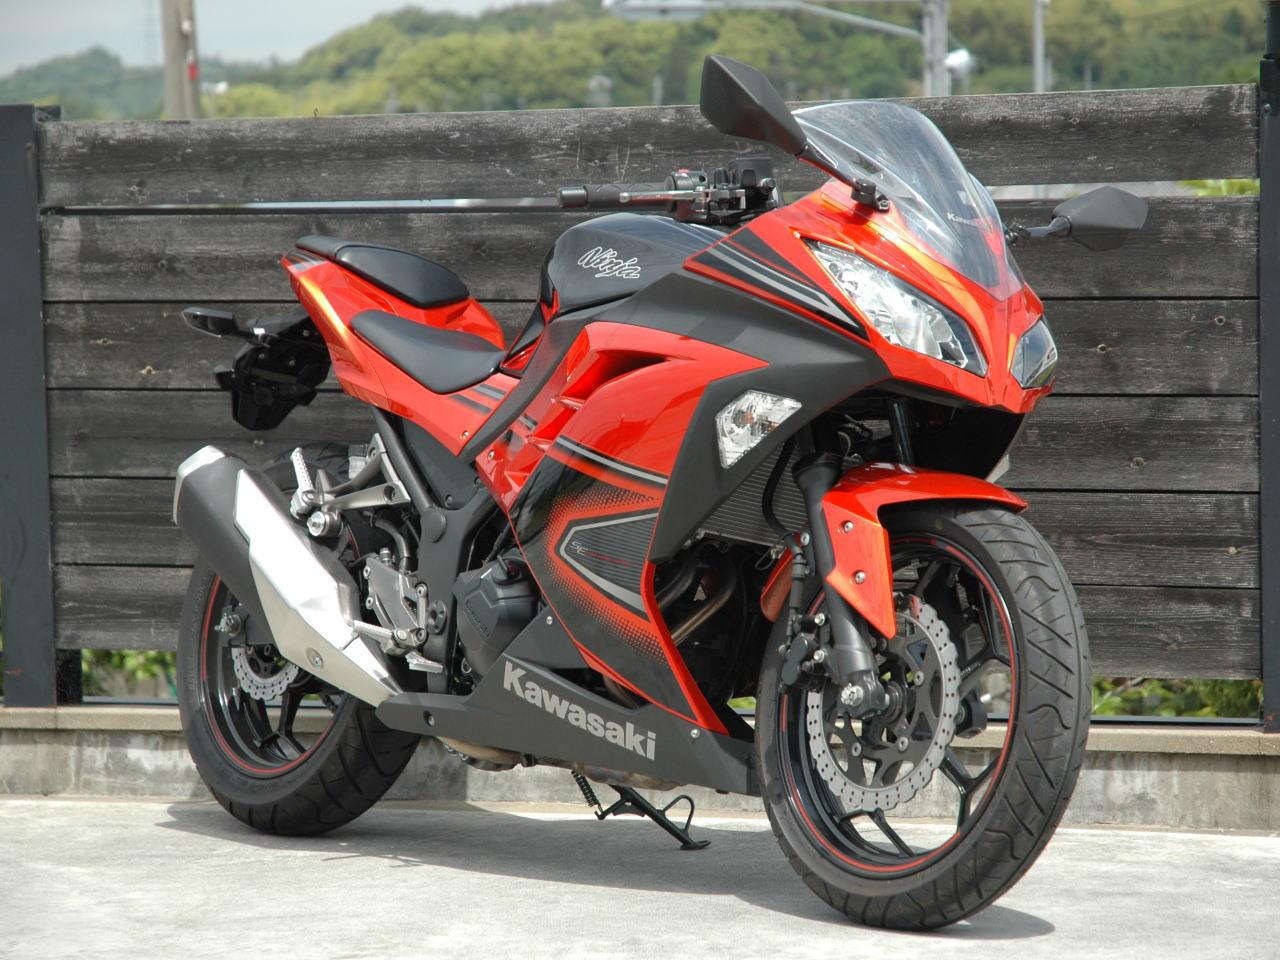 used-ninja250-orange-150522-1.jpg